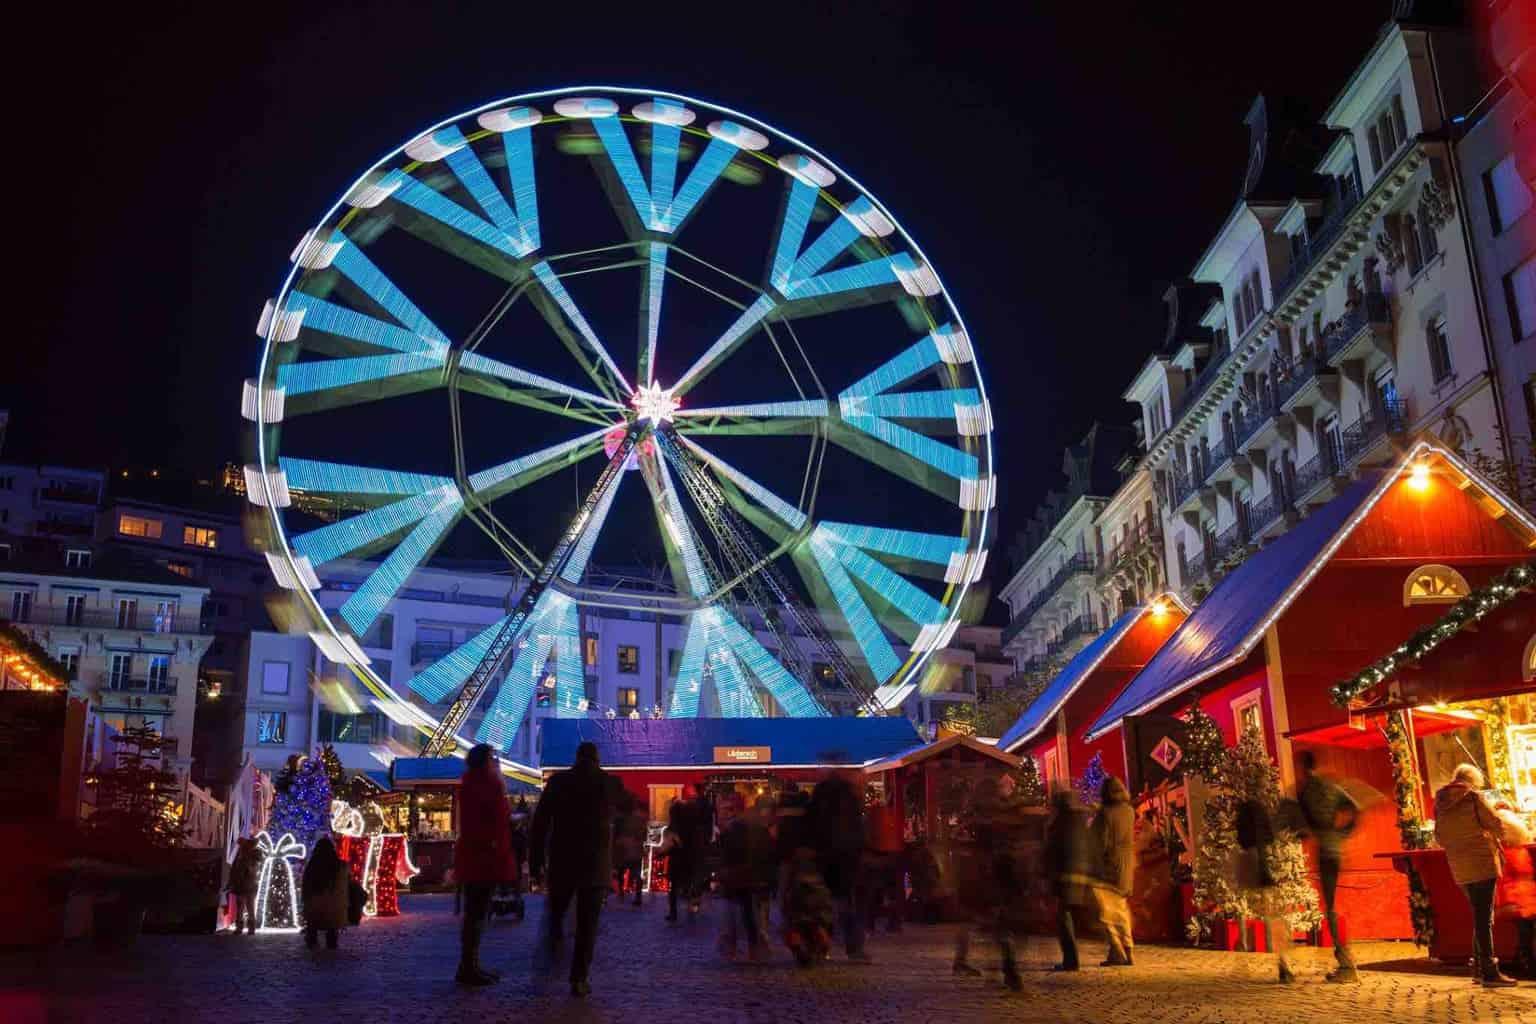 Montreux Noël - Montreux Christmas Market